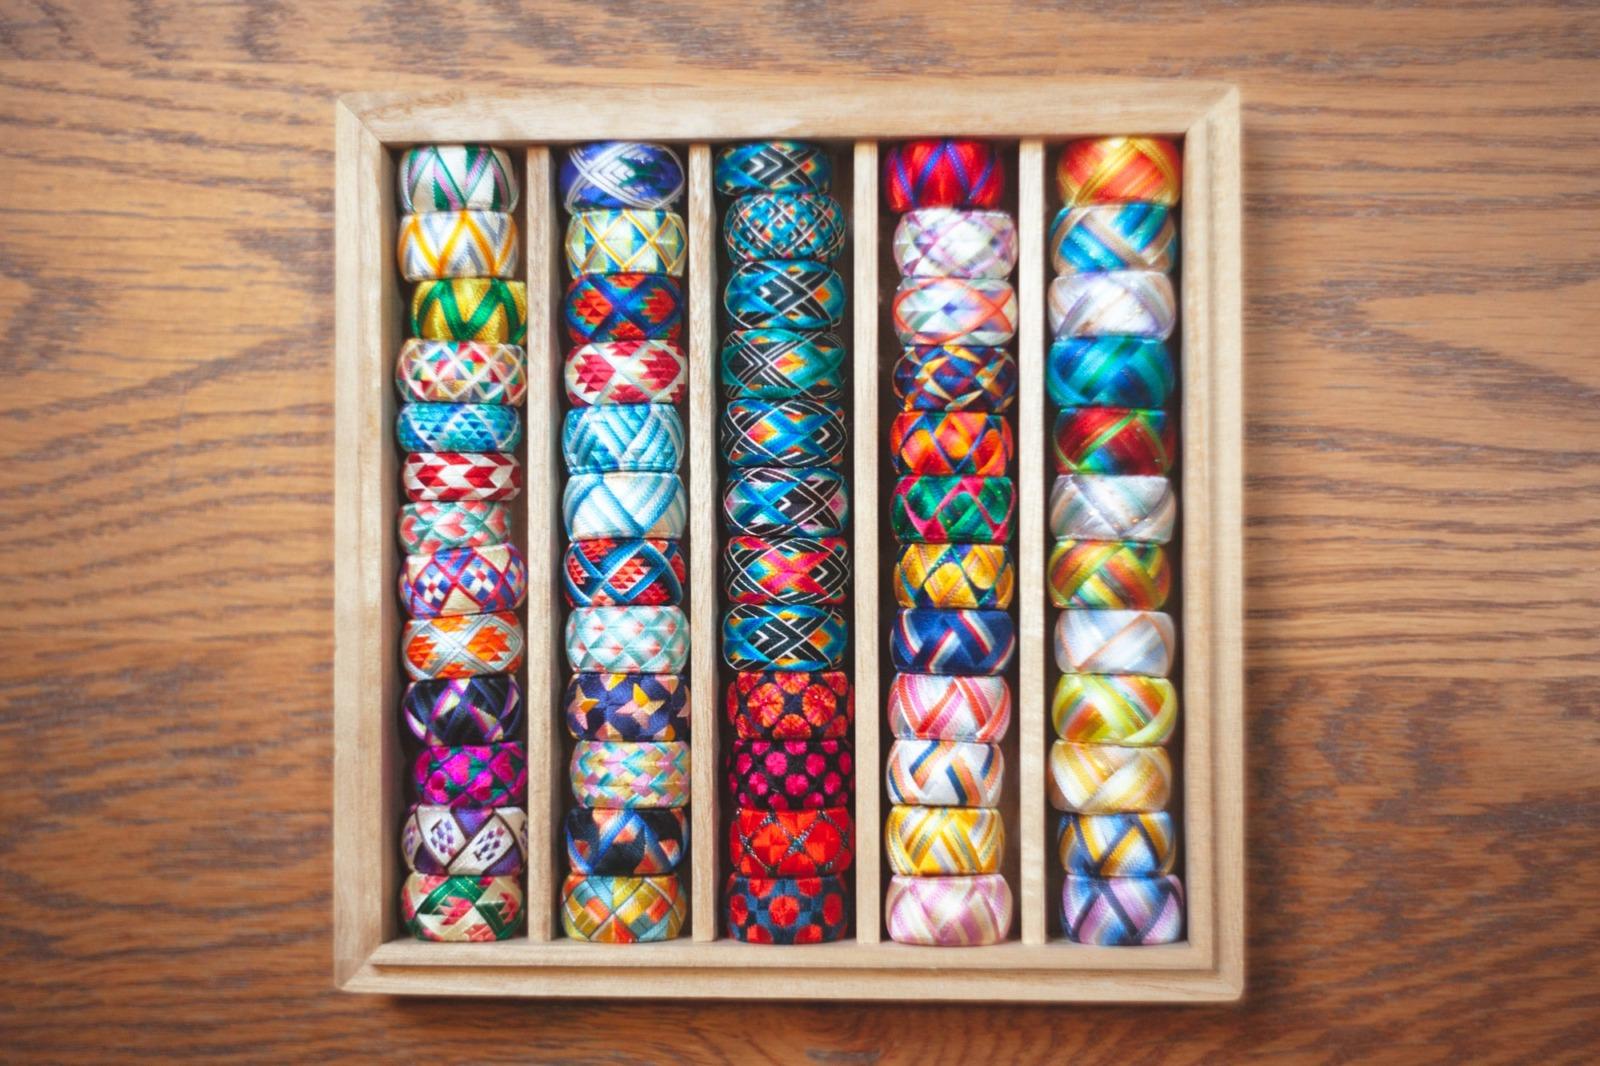 きょう、つくる人第6回 – thread jewelry Ricca・志知希美